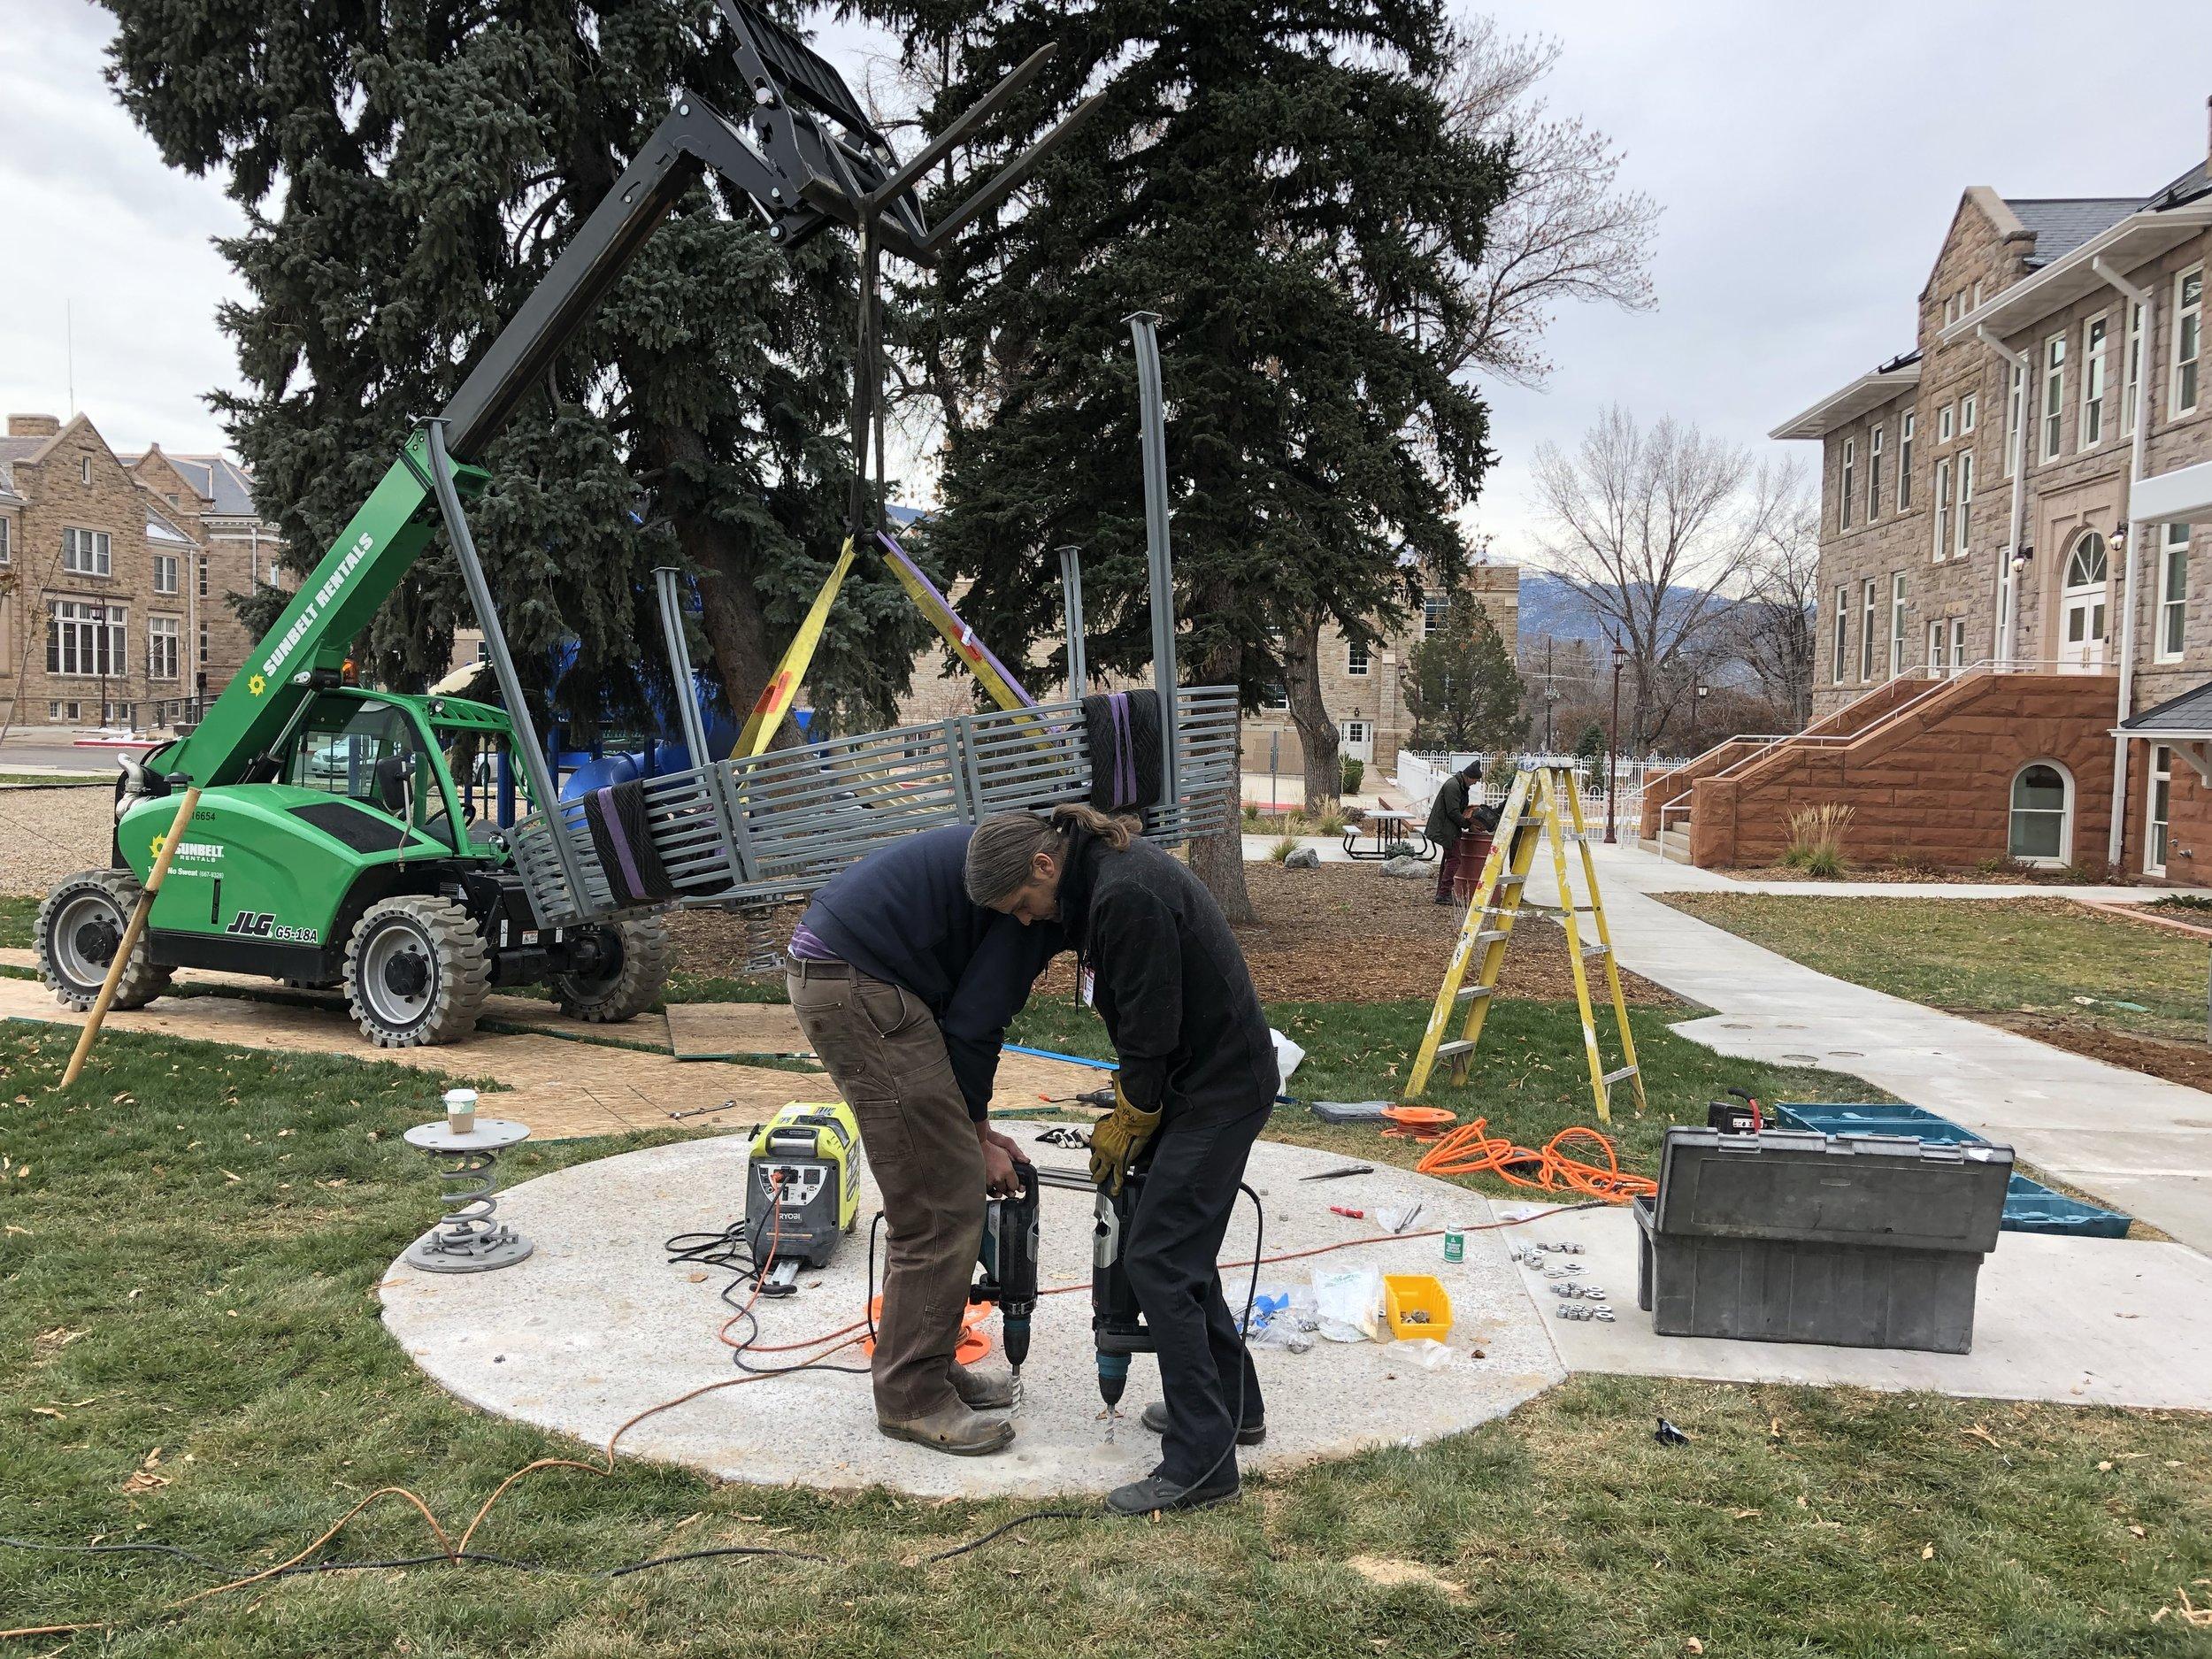 Colorado Springs_Colorado_Matthew Geller_Public Art Services_J Grant Projects_1.jpg